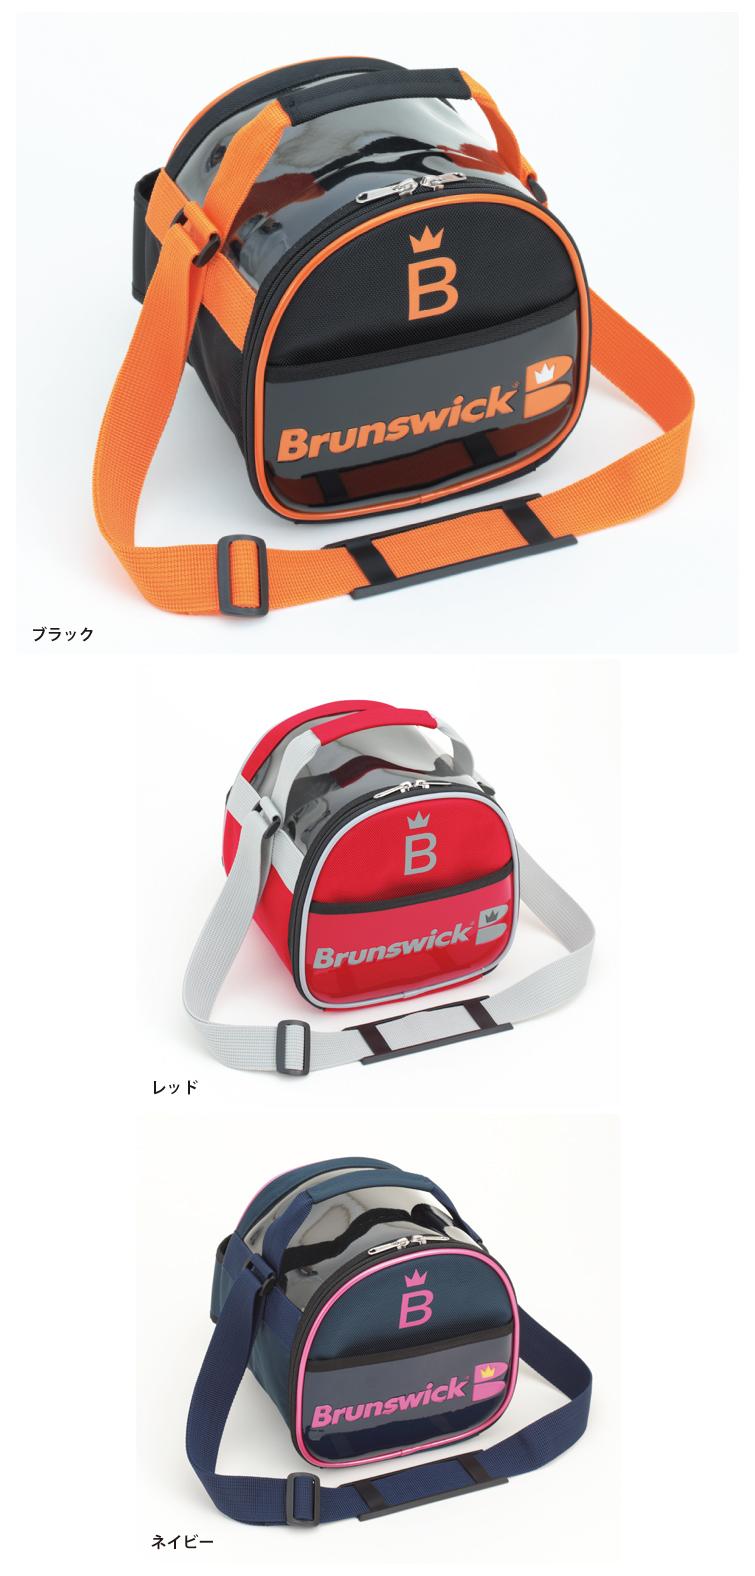 ボウリングバッグ ブランズウィック BRUNSWICK シングルケース 2019年モデル